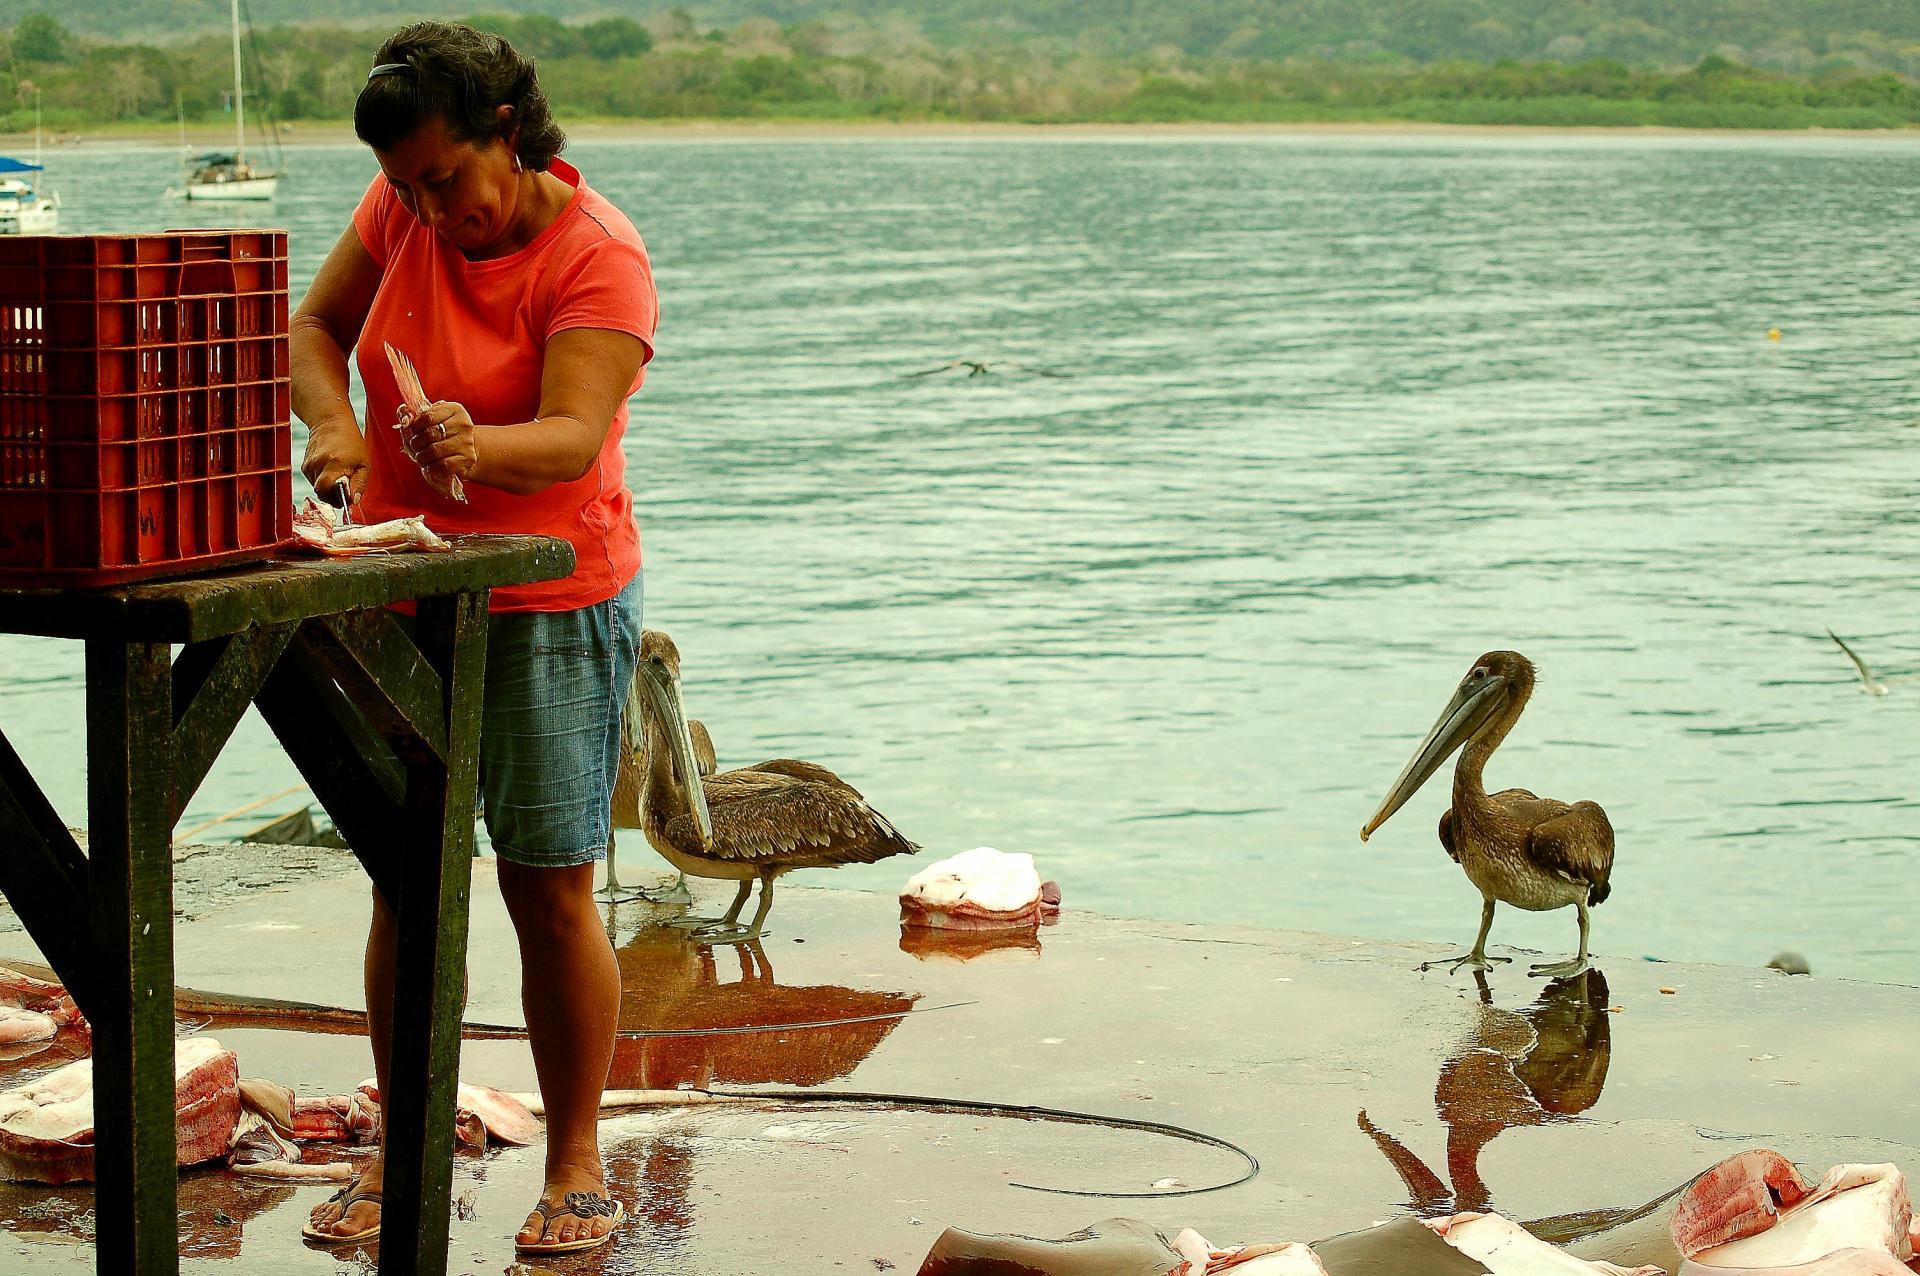 Femme de pecheurs et pelicans